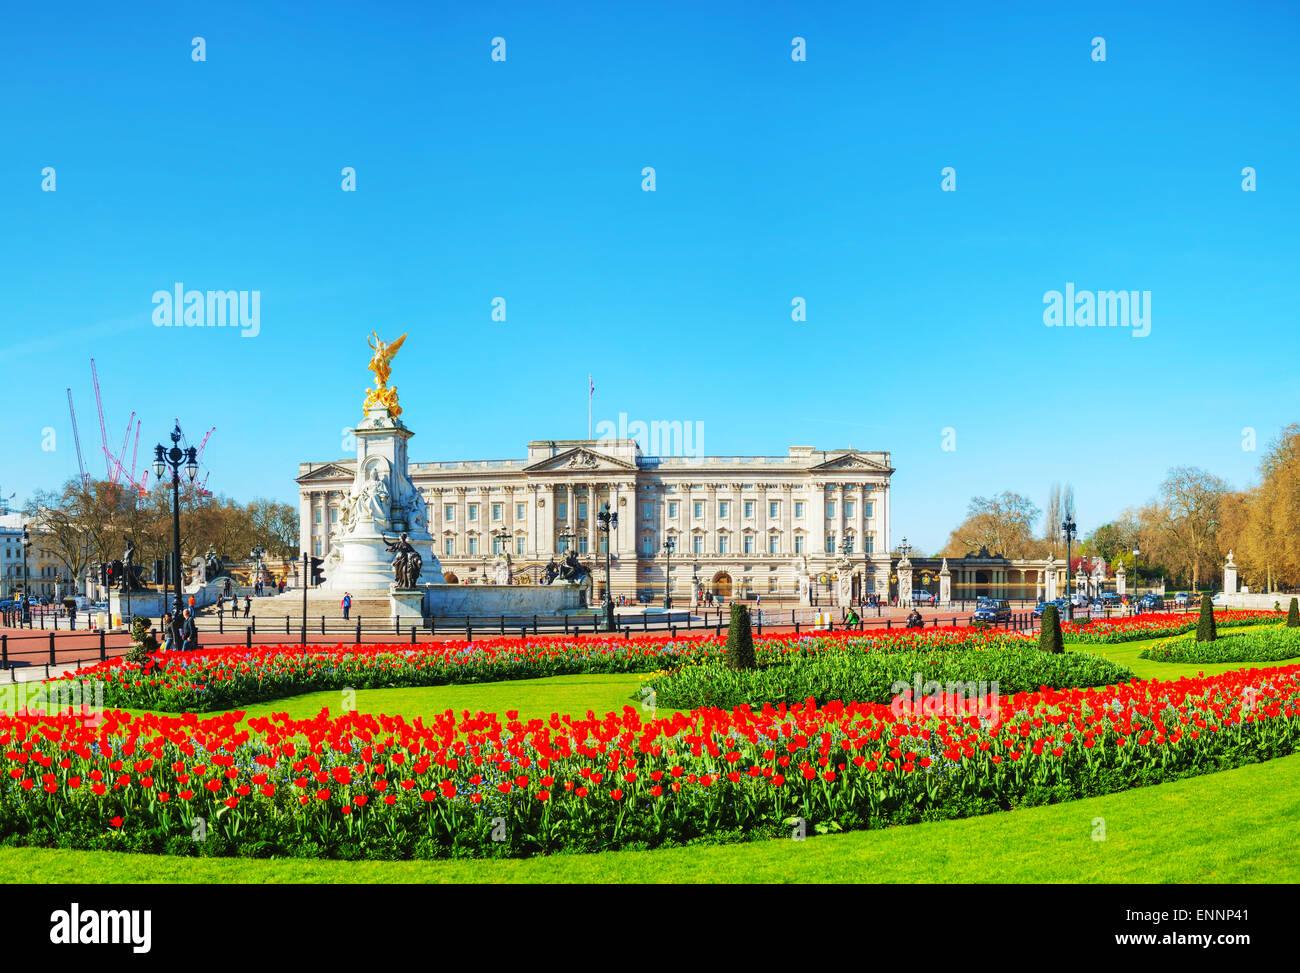 Buckingham palace vista panoramica di Londra, Regno Unito in una giornata di sole Immagini Stock